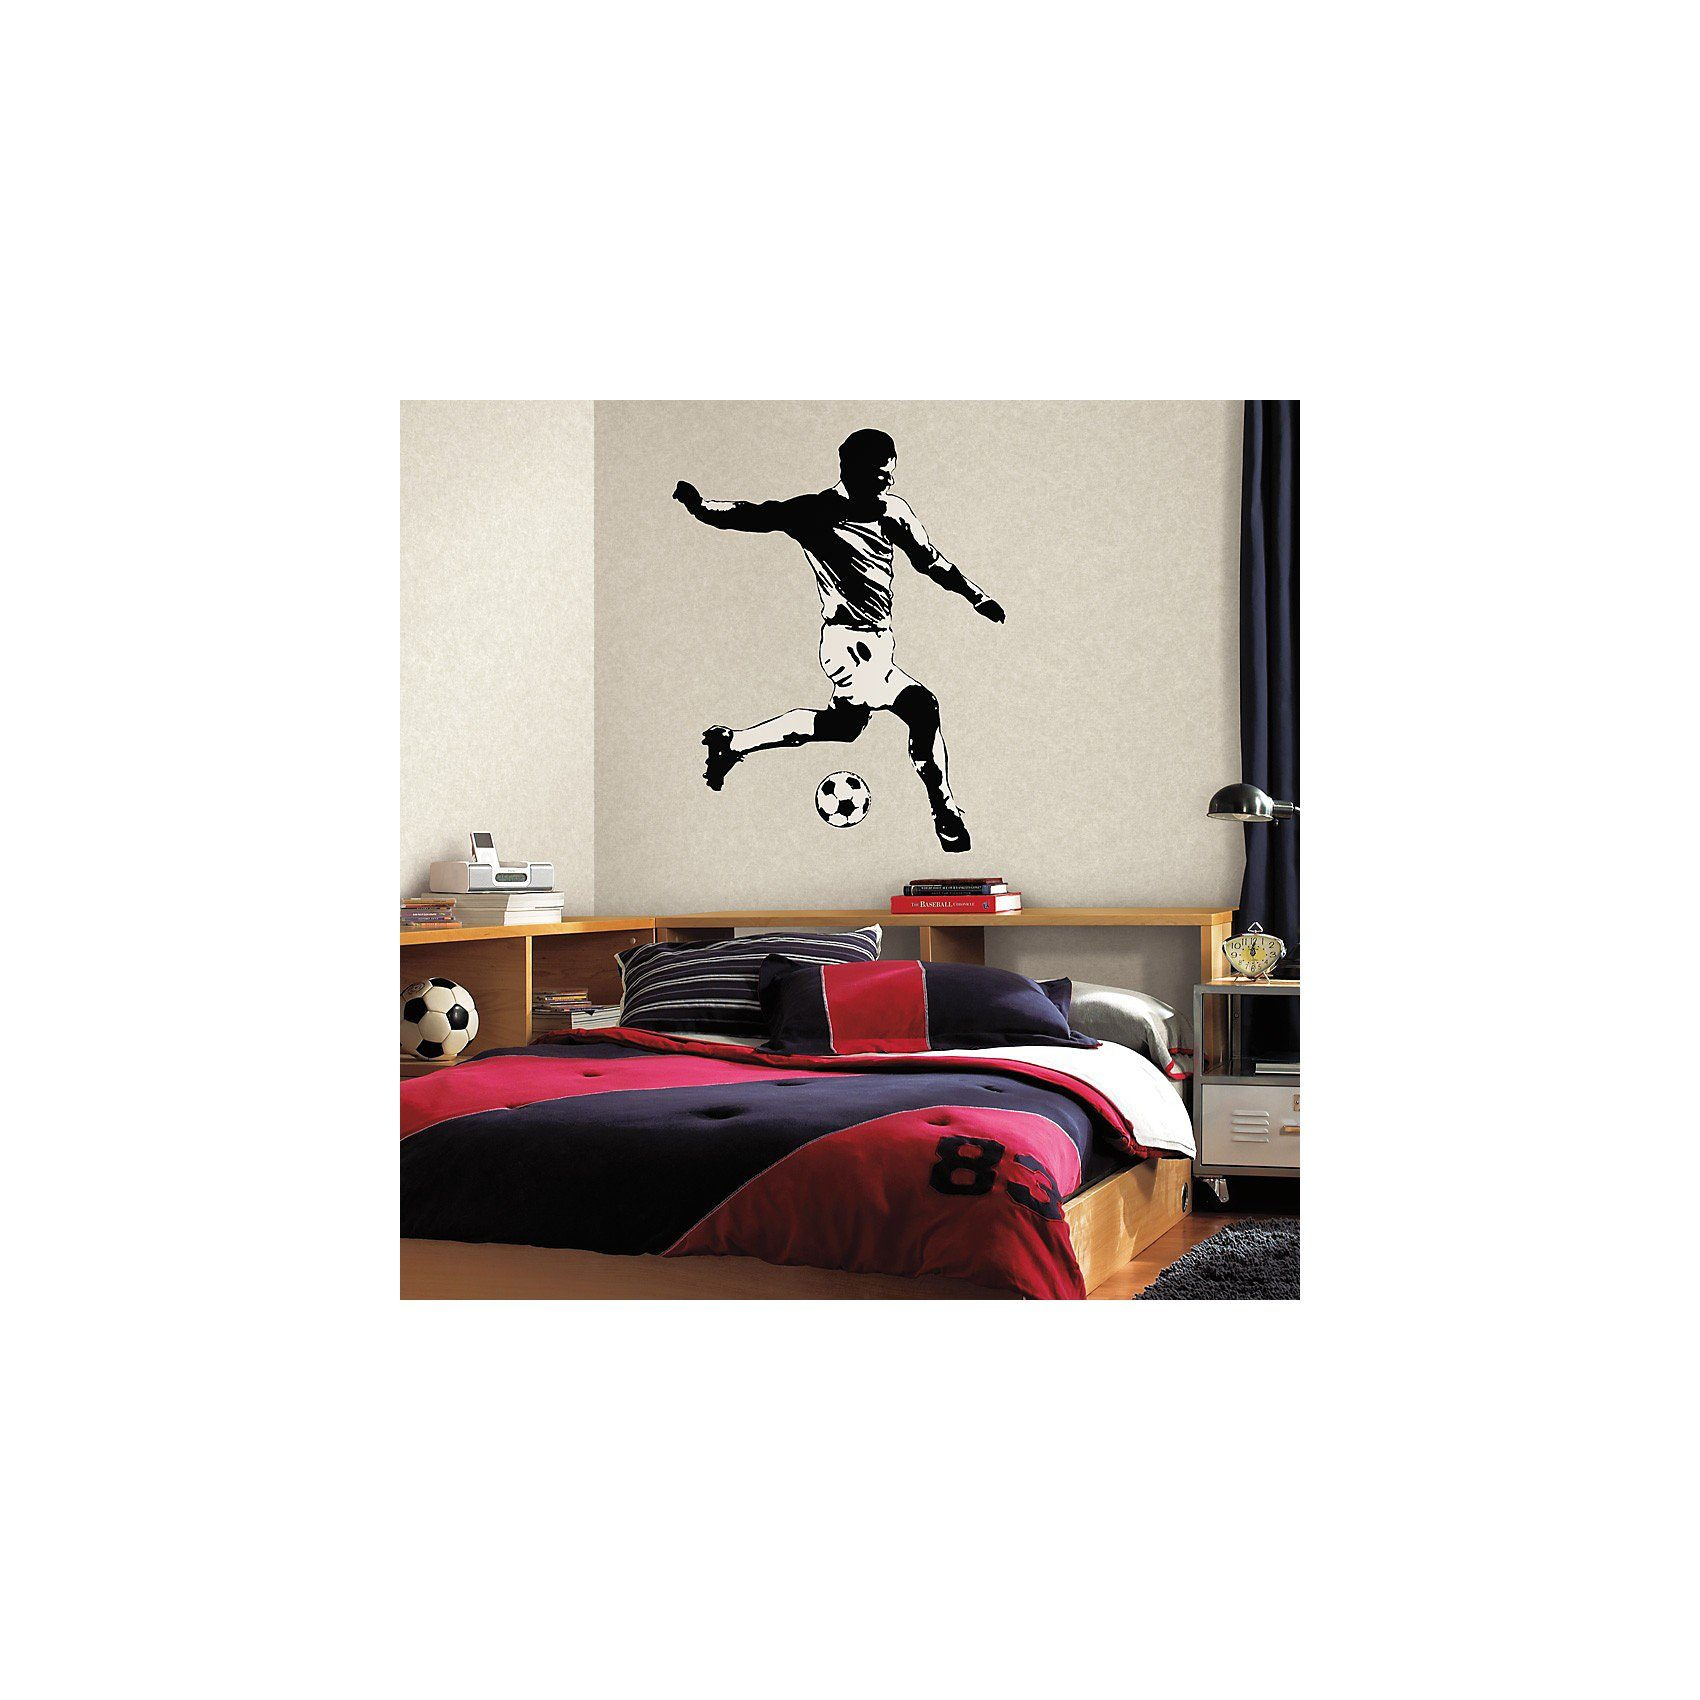 RoomMates Wandbild Fußballer